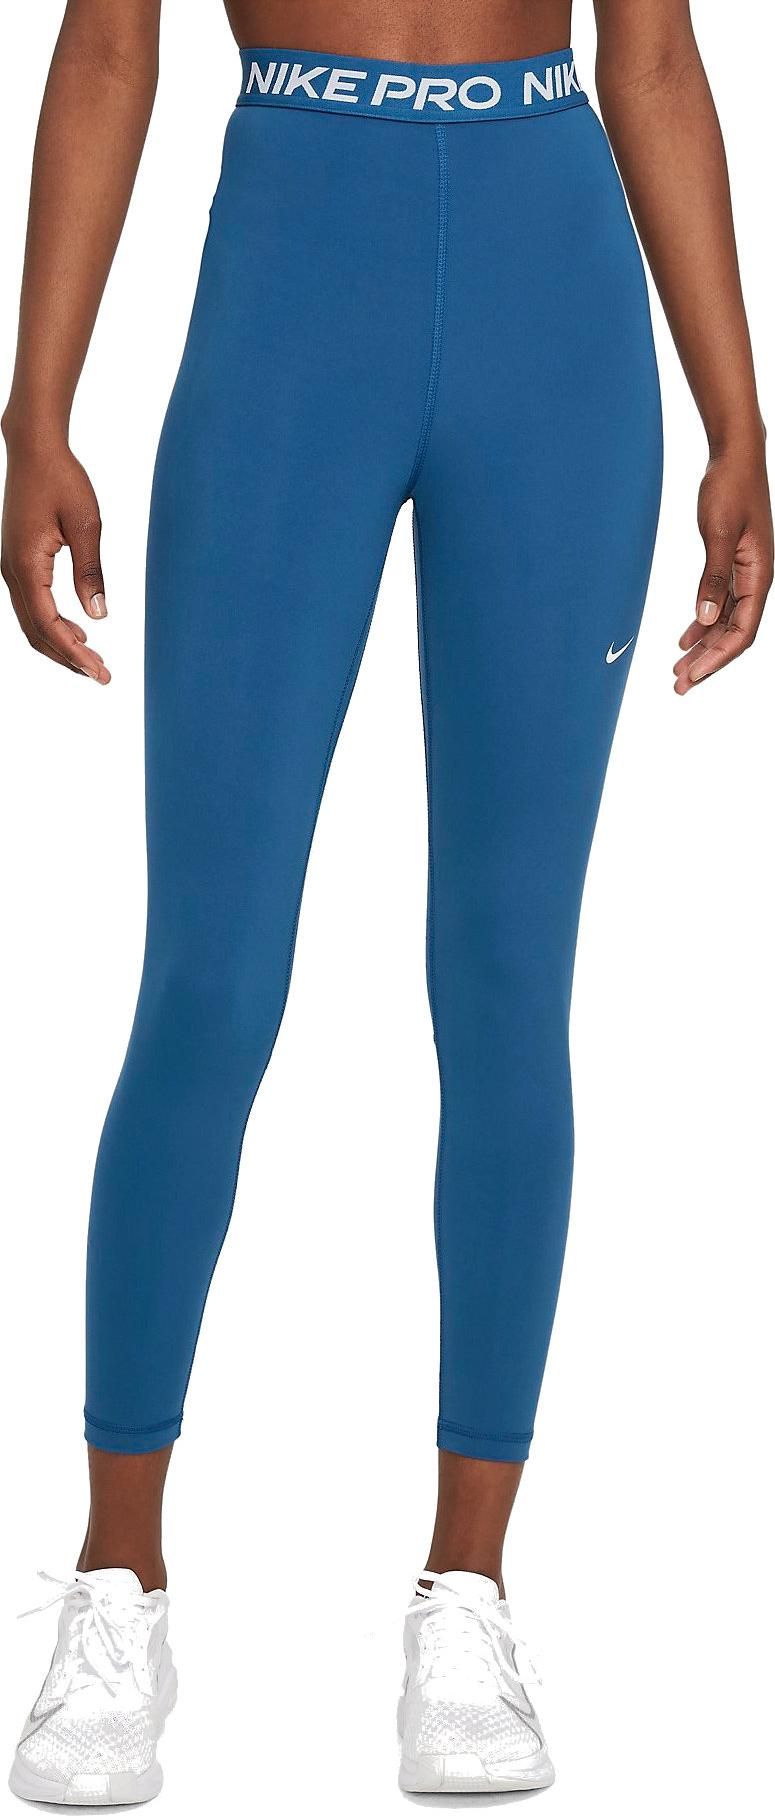 Leggings Nike Pro 365 Women s High-Rise 7/8 Leggings